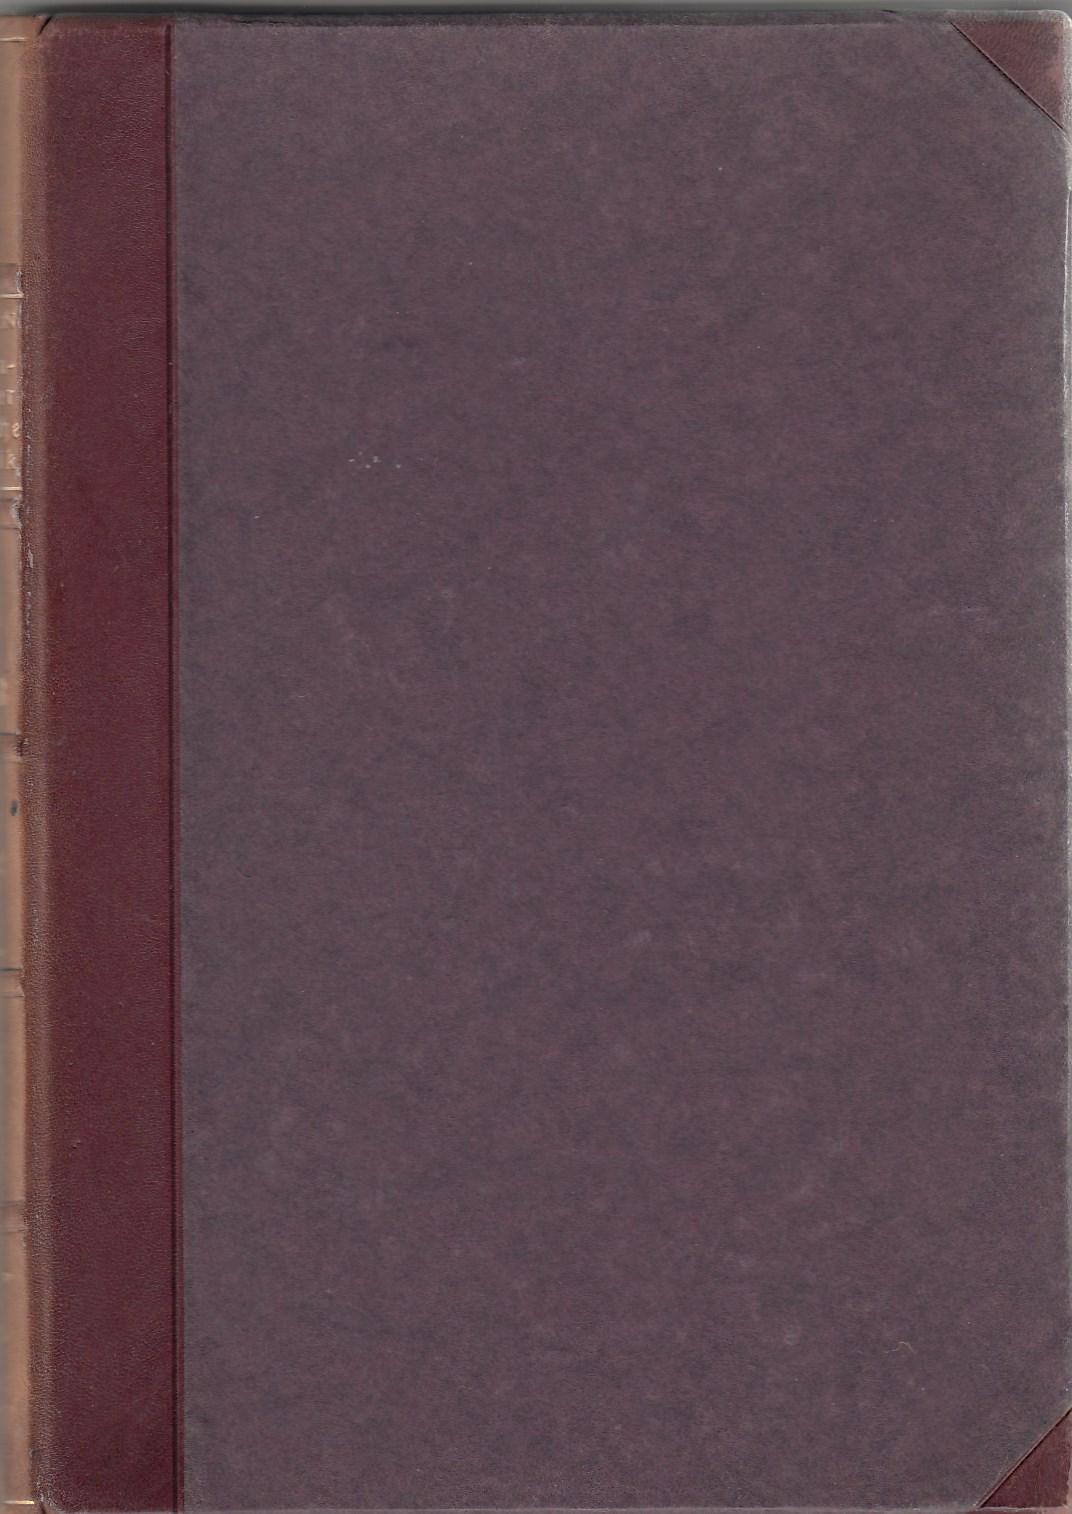 Nürnberger Gotische Plastik. 112 ganzseitige Abbildungen, mit Einführung und Erläuterungen.